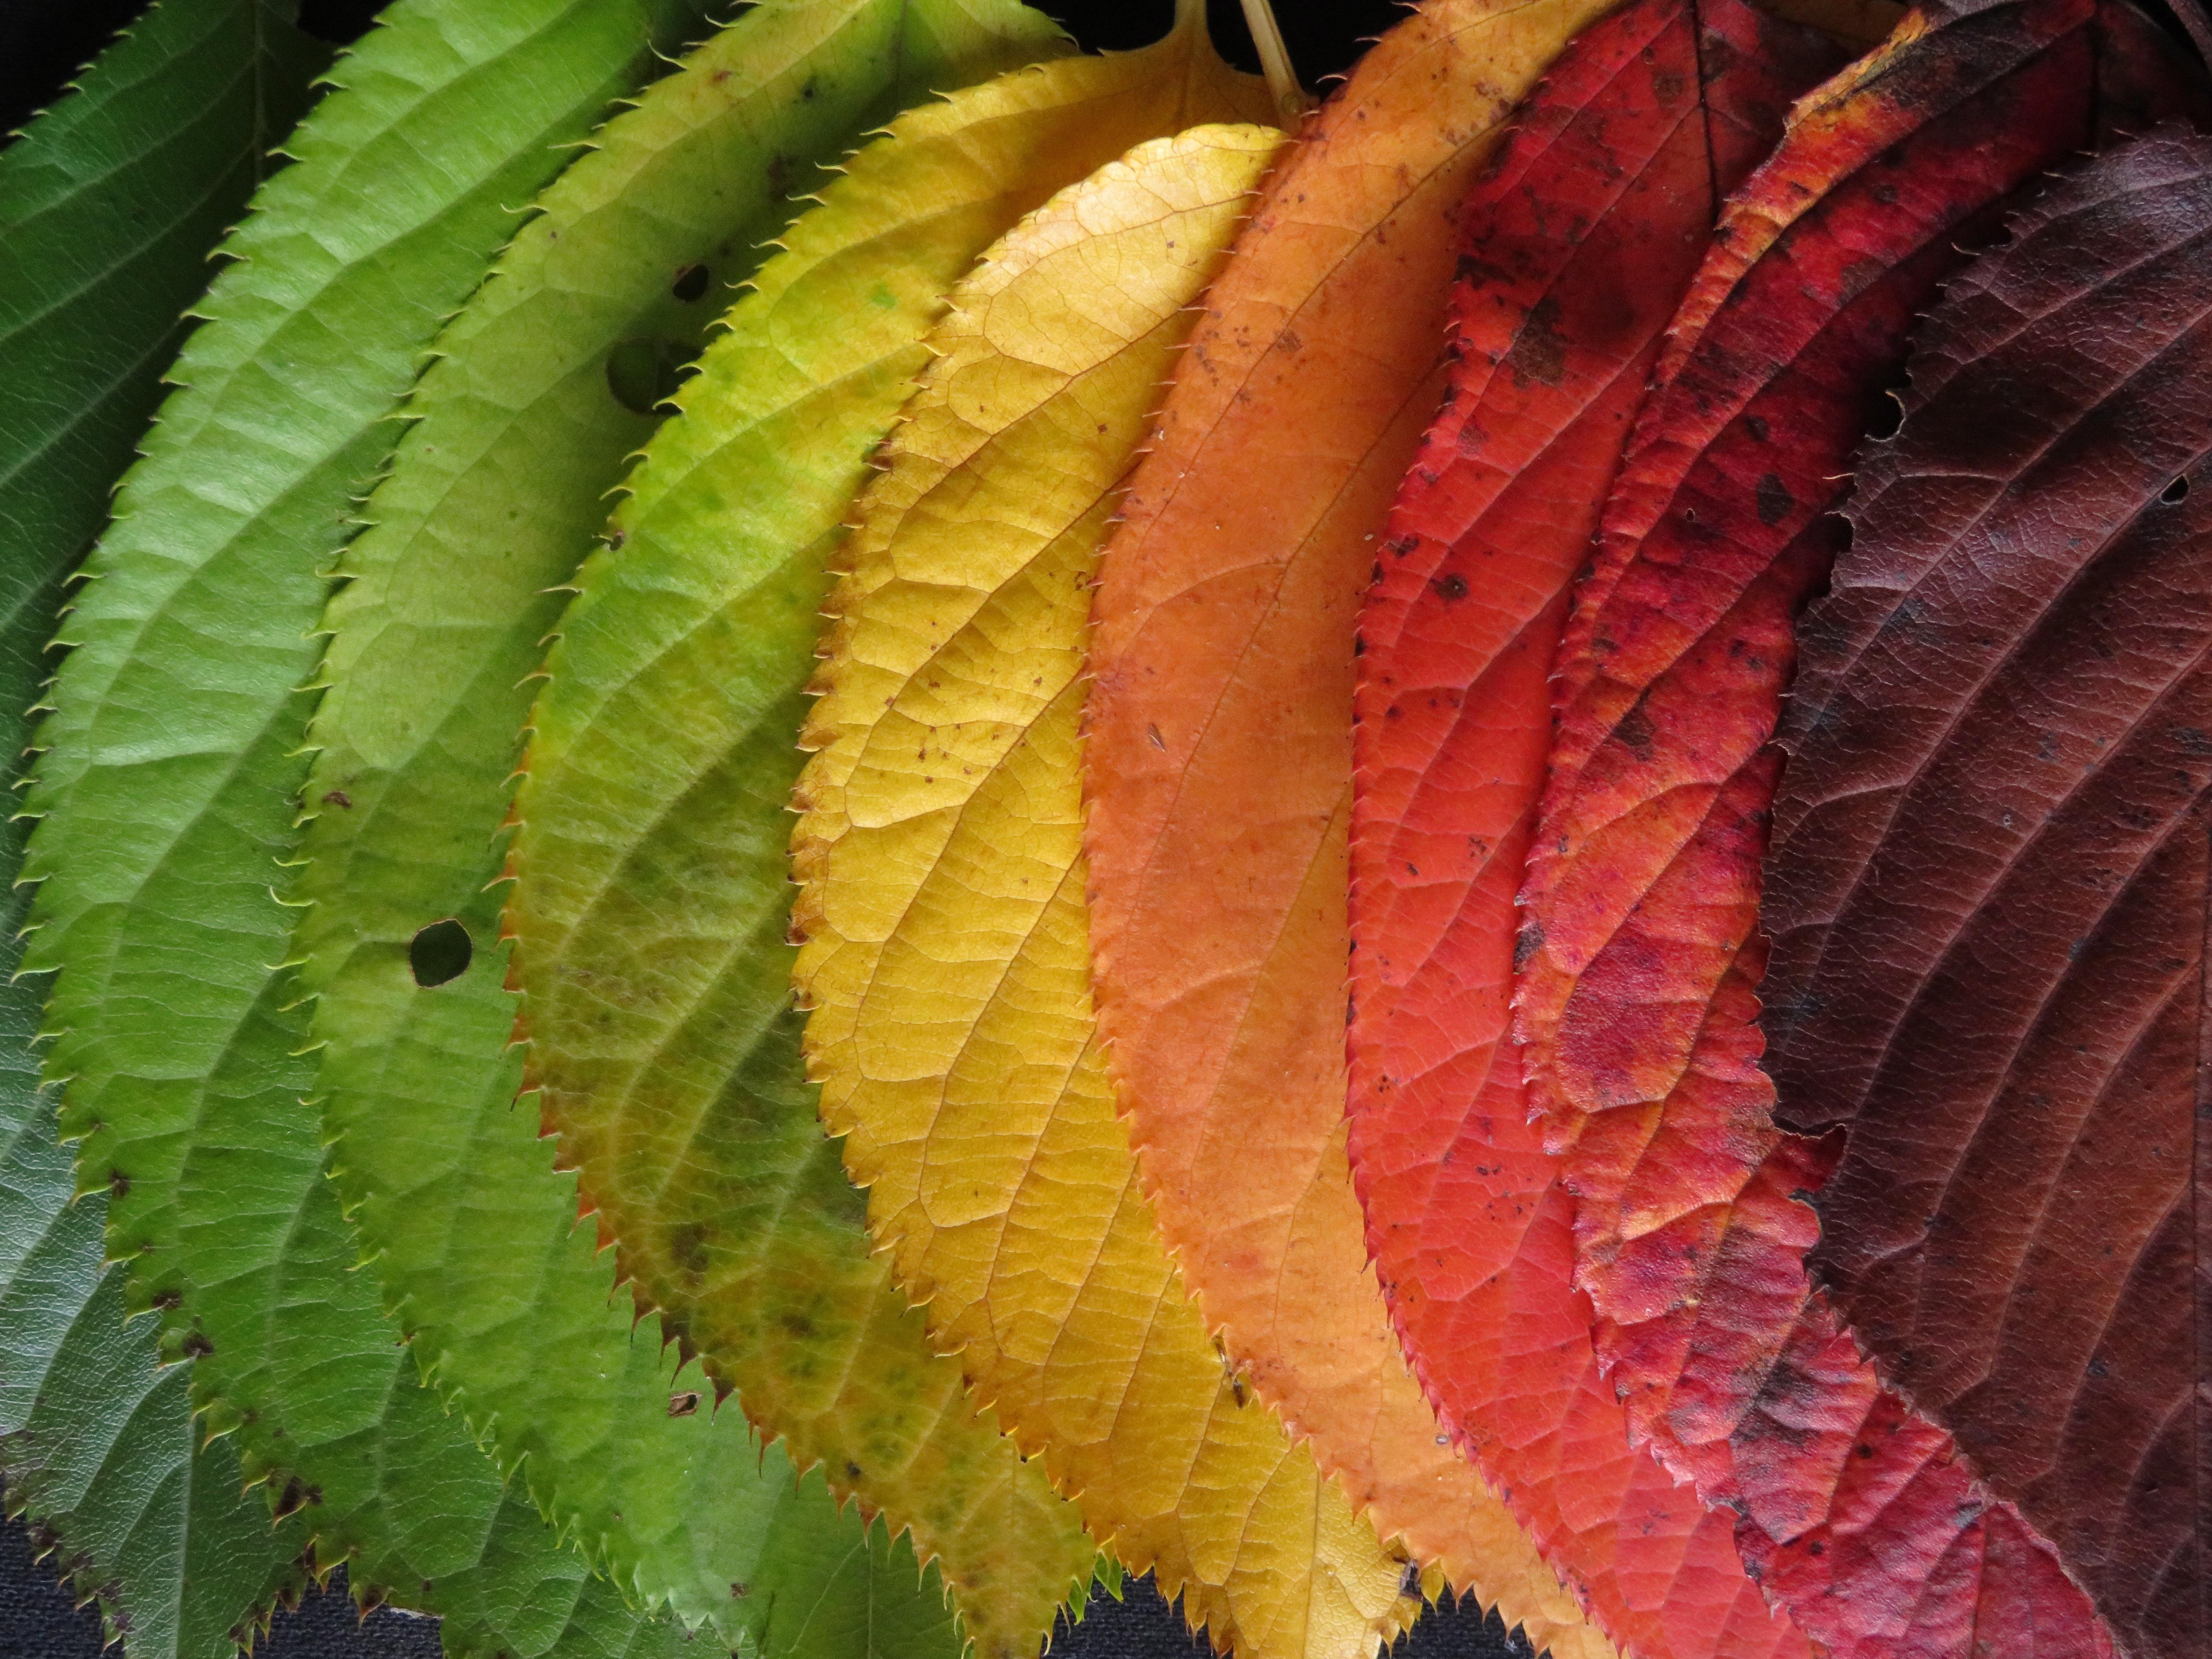 Free Images Leaf Flower Produce Colourful Botany